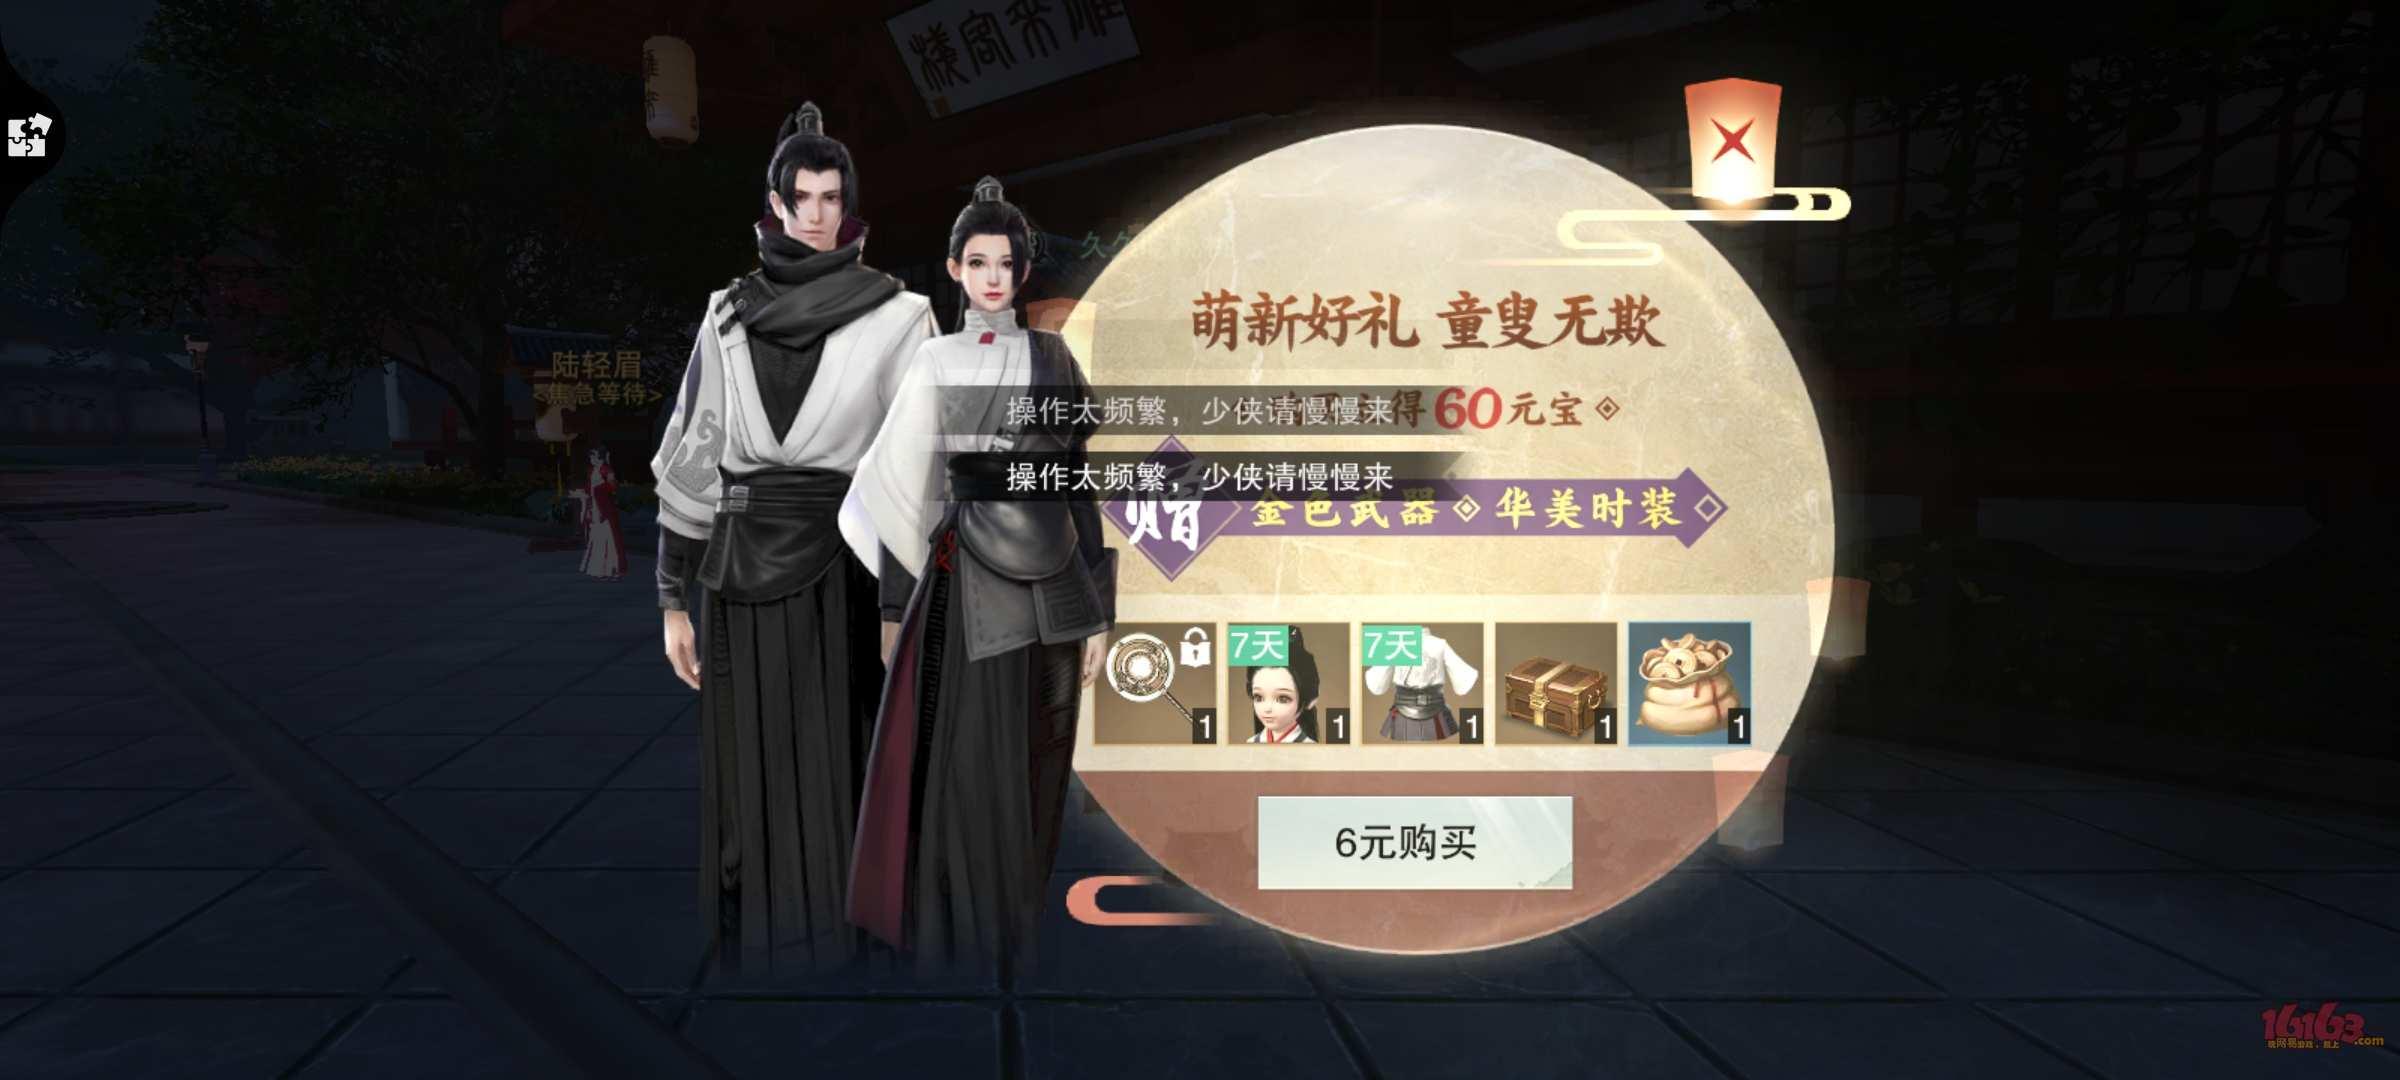 Screenshot_20200628_104231_com.netease.wyclx.huawei.jpg